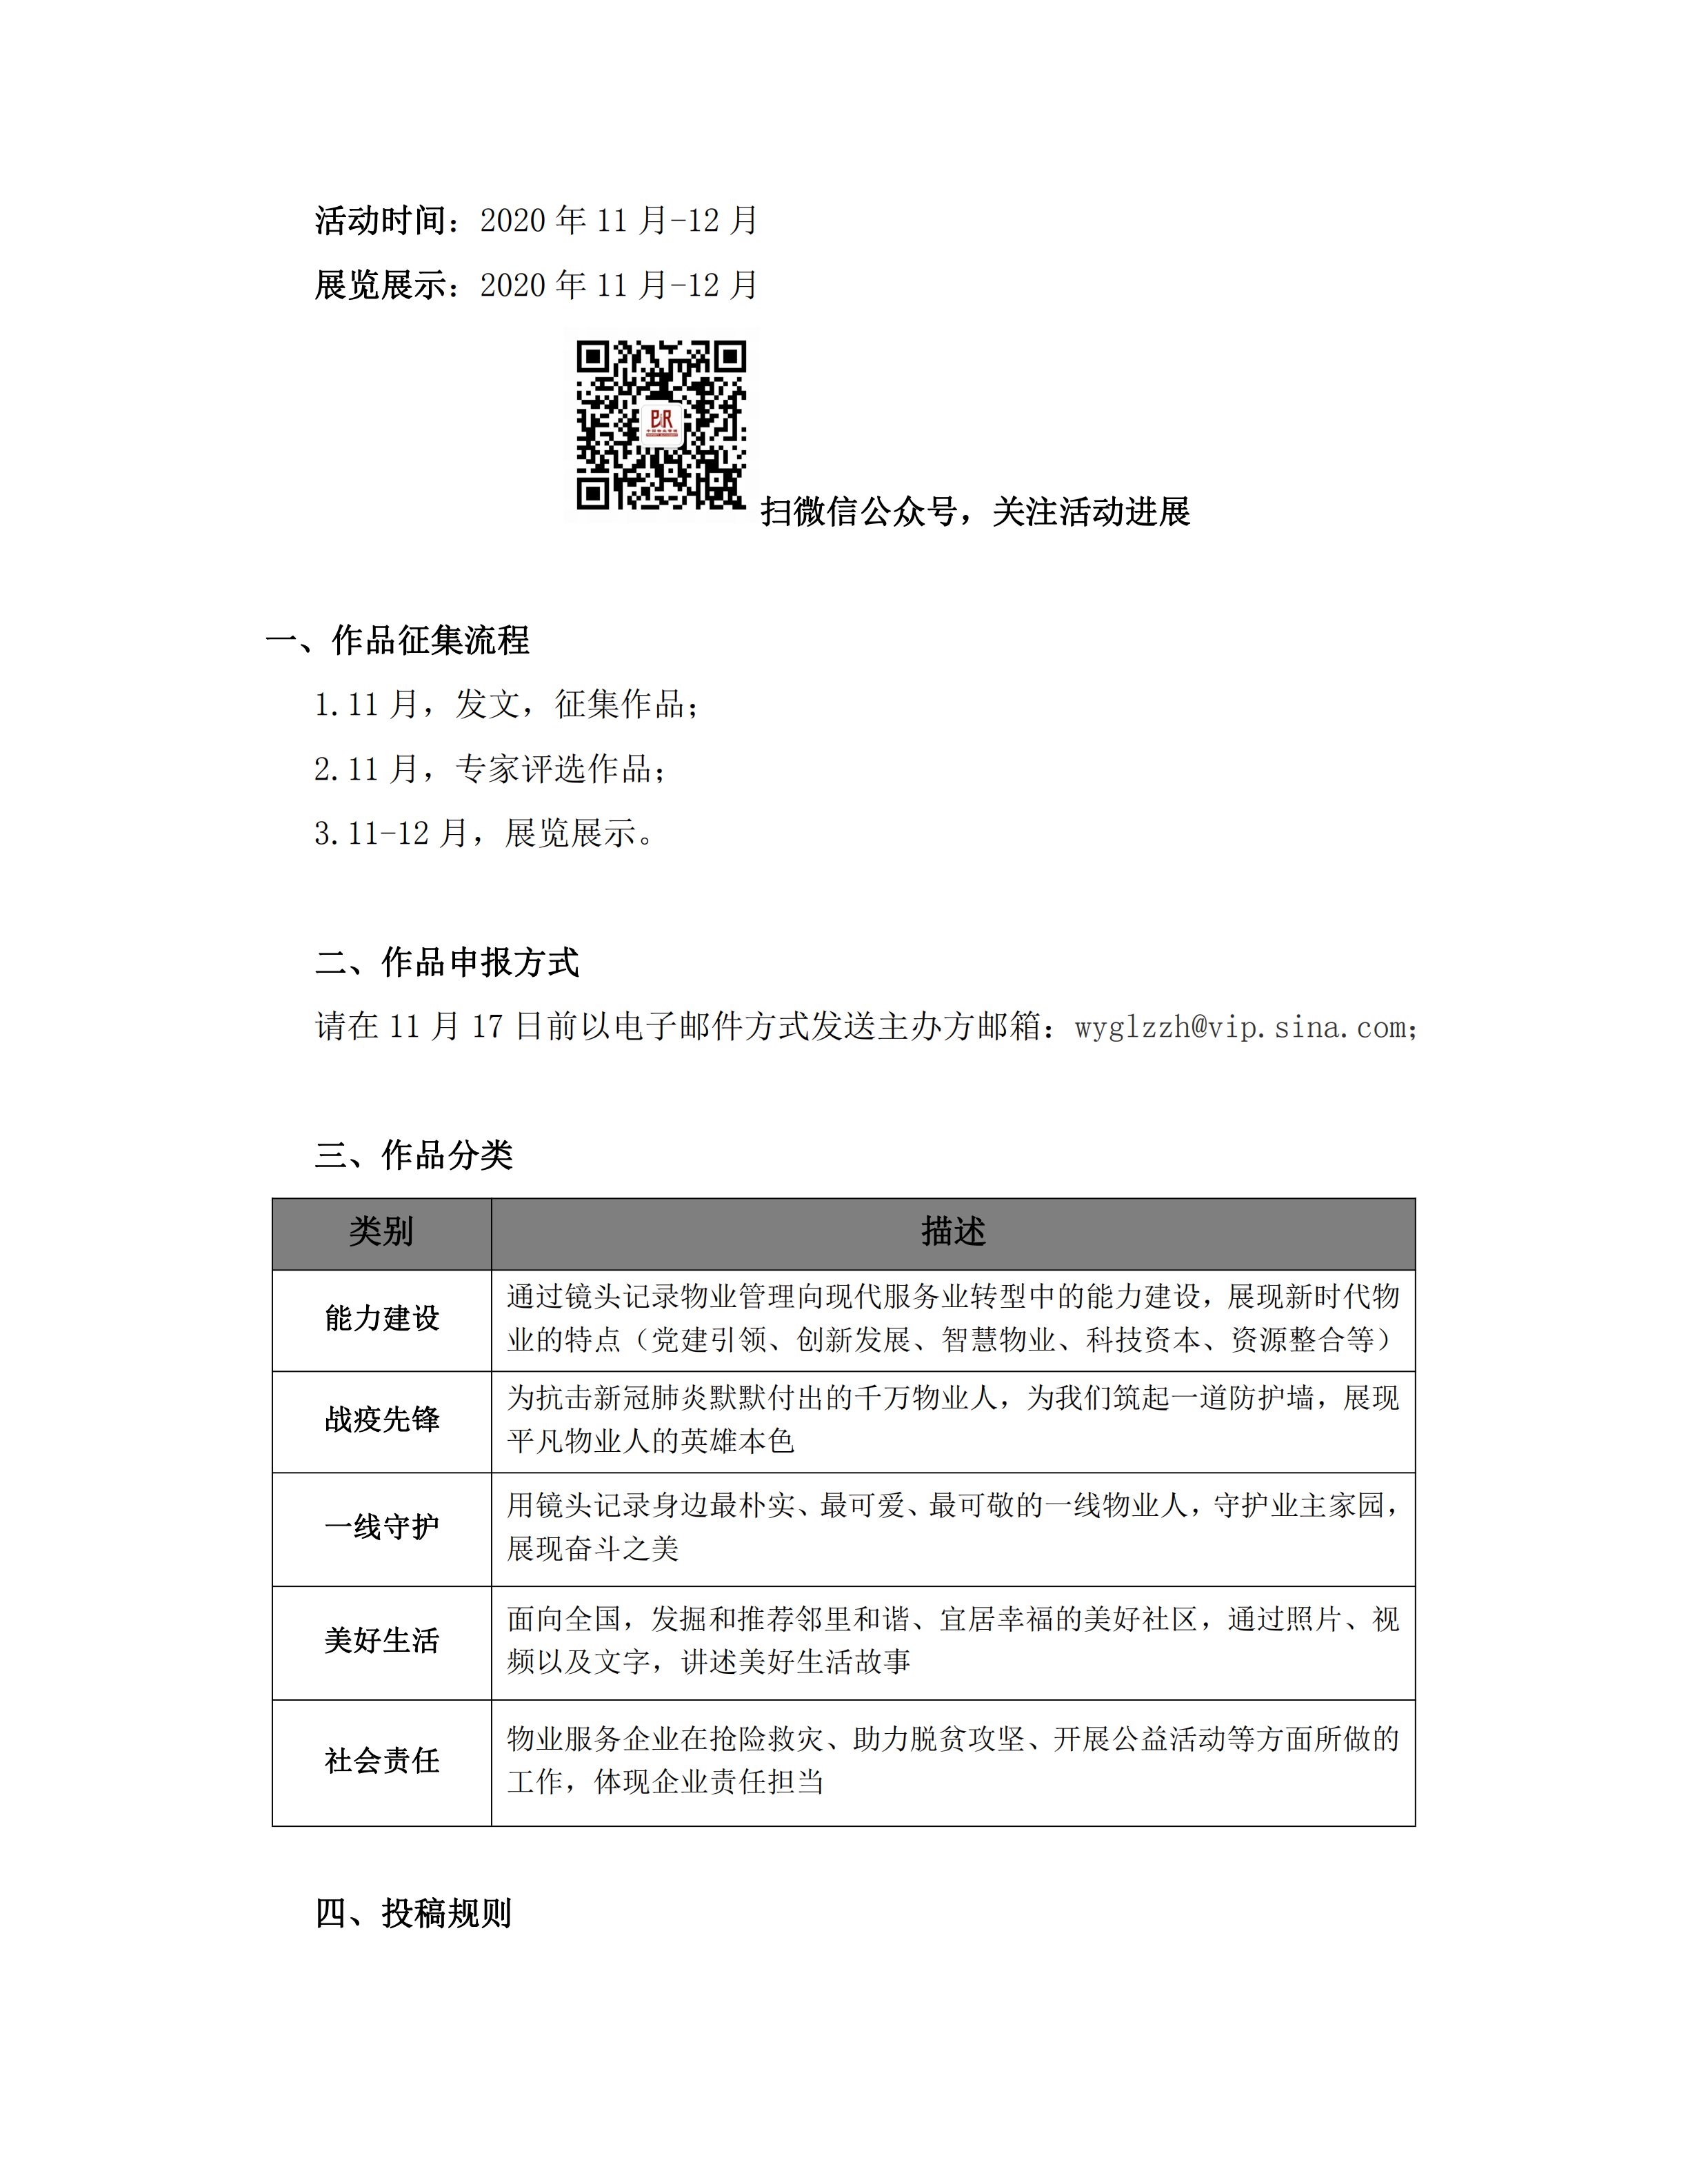 关于召开第九届物业管理行业摄影展暨微视频展播活动的通知_01.png